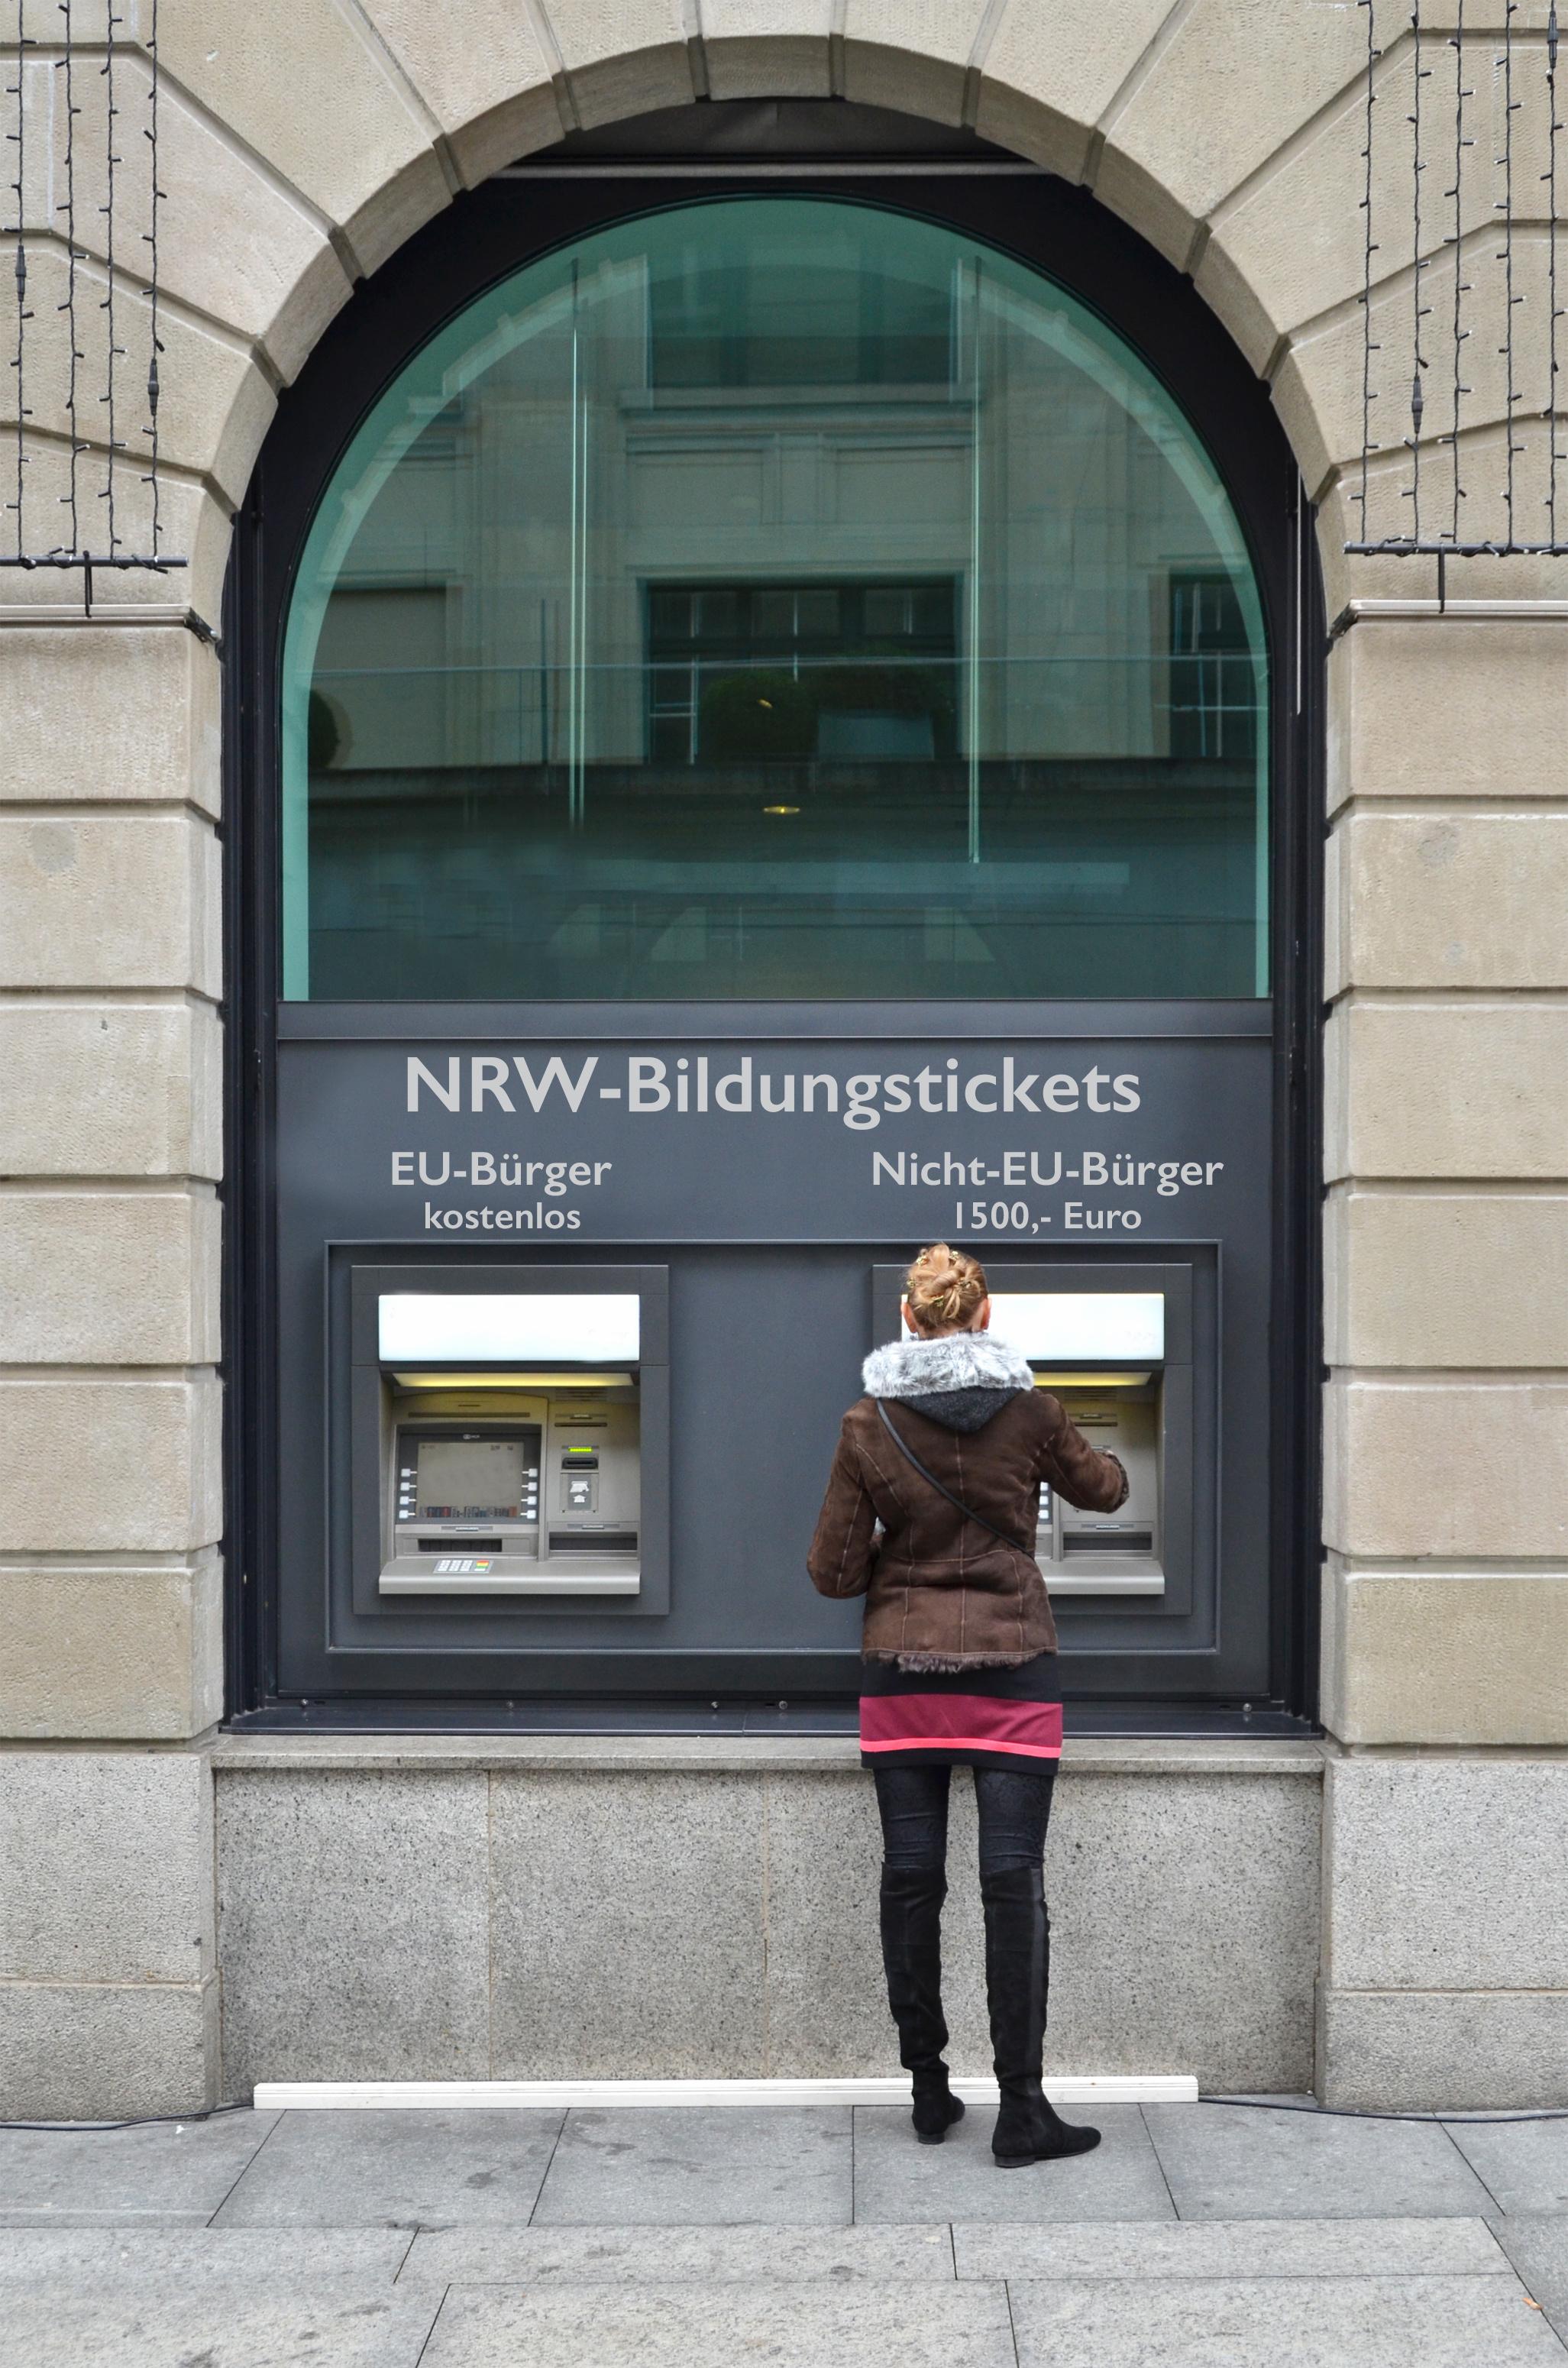 Bildungsautomat